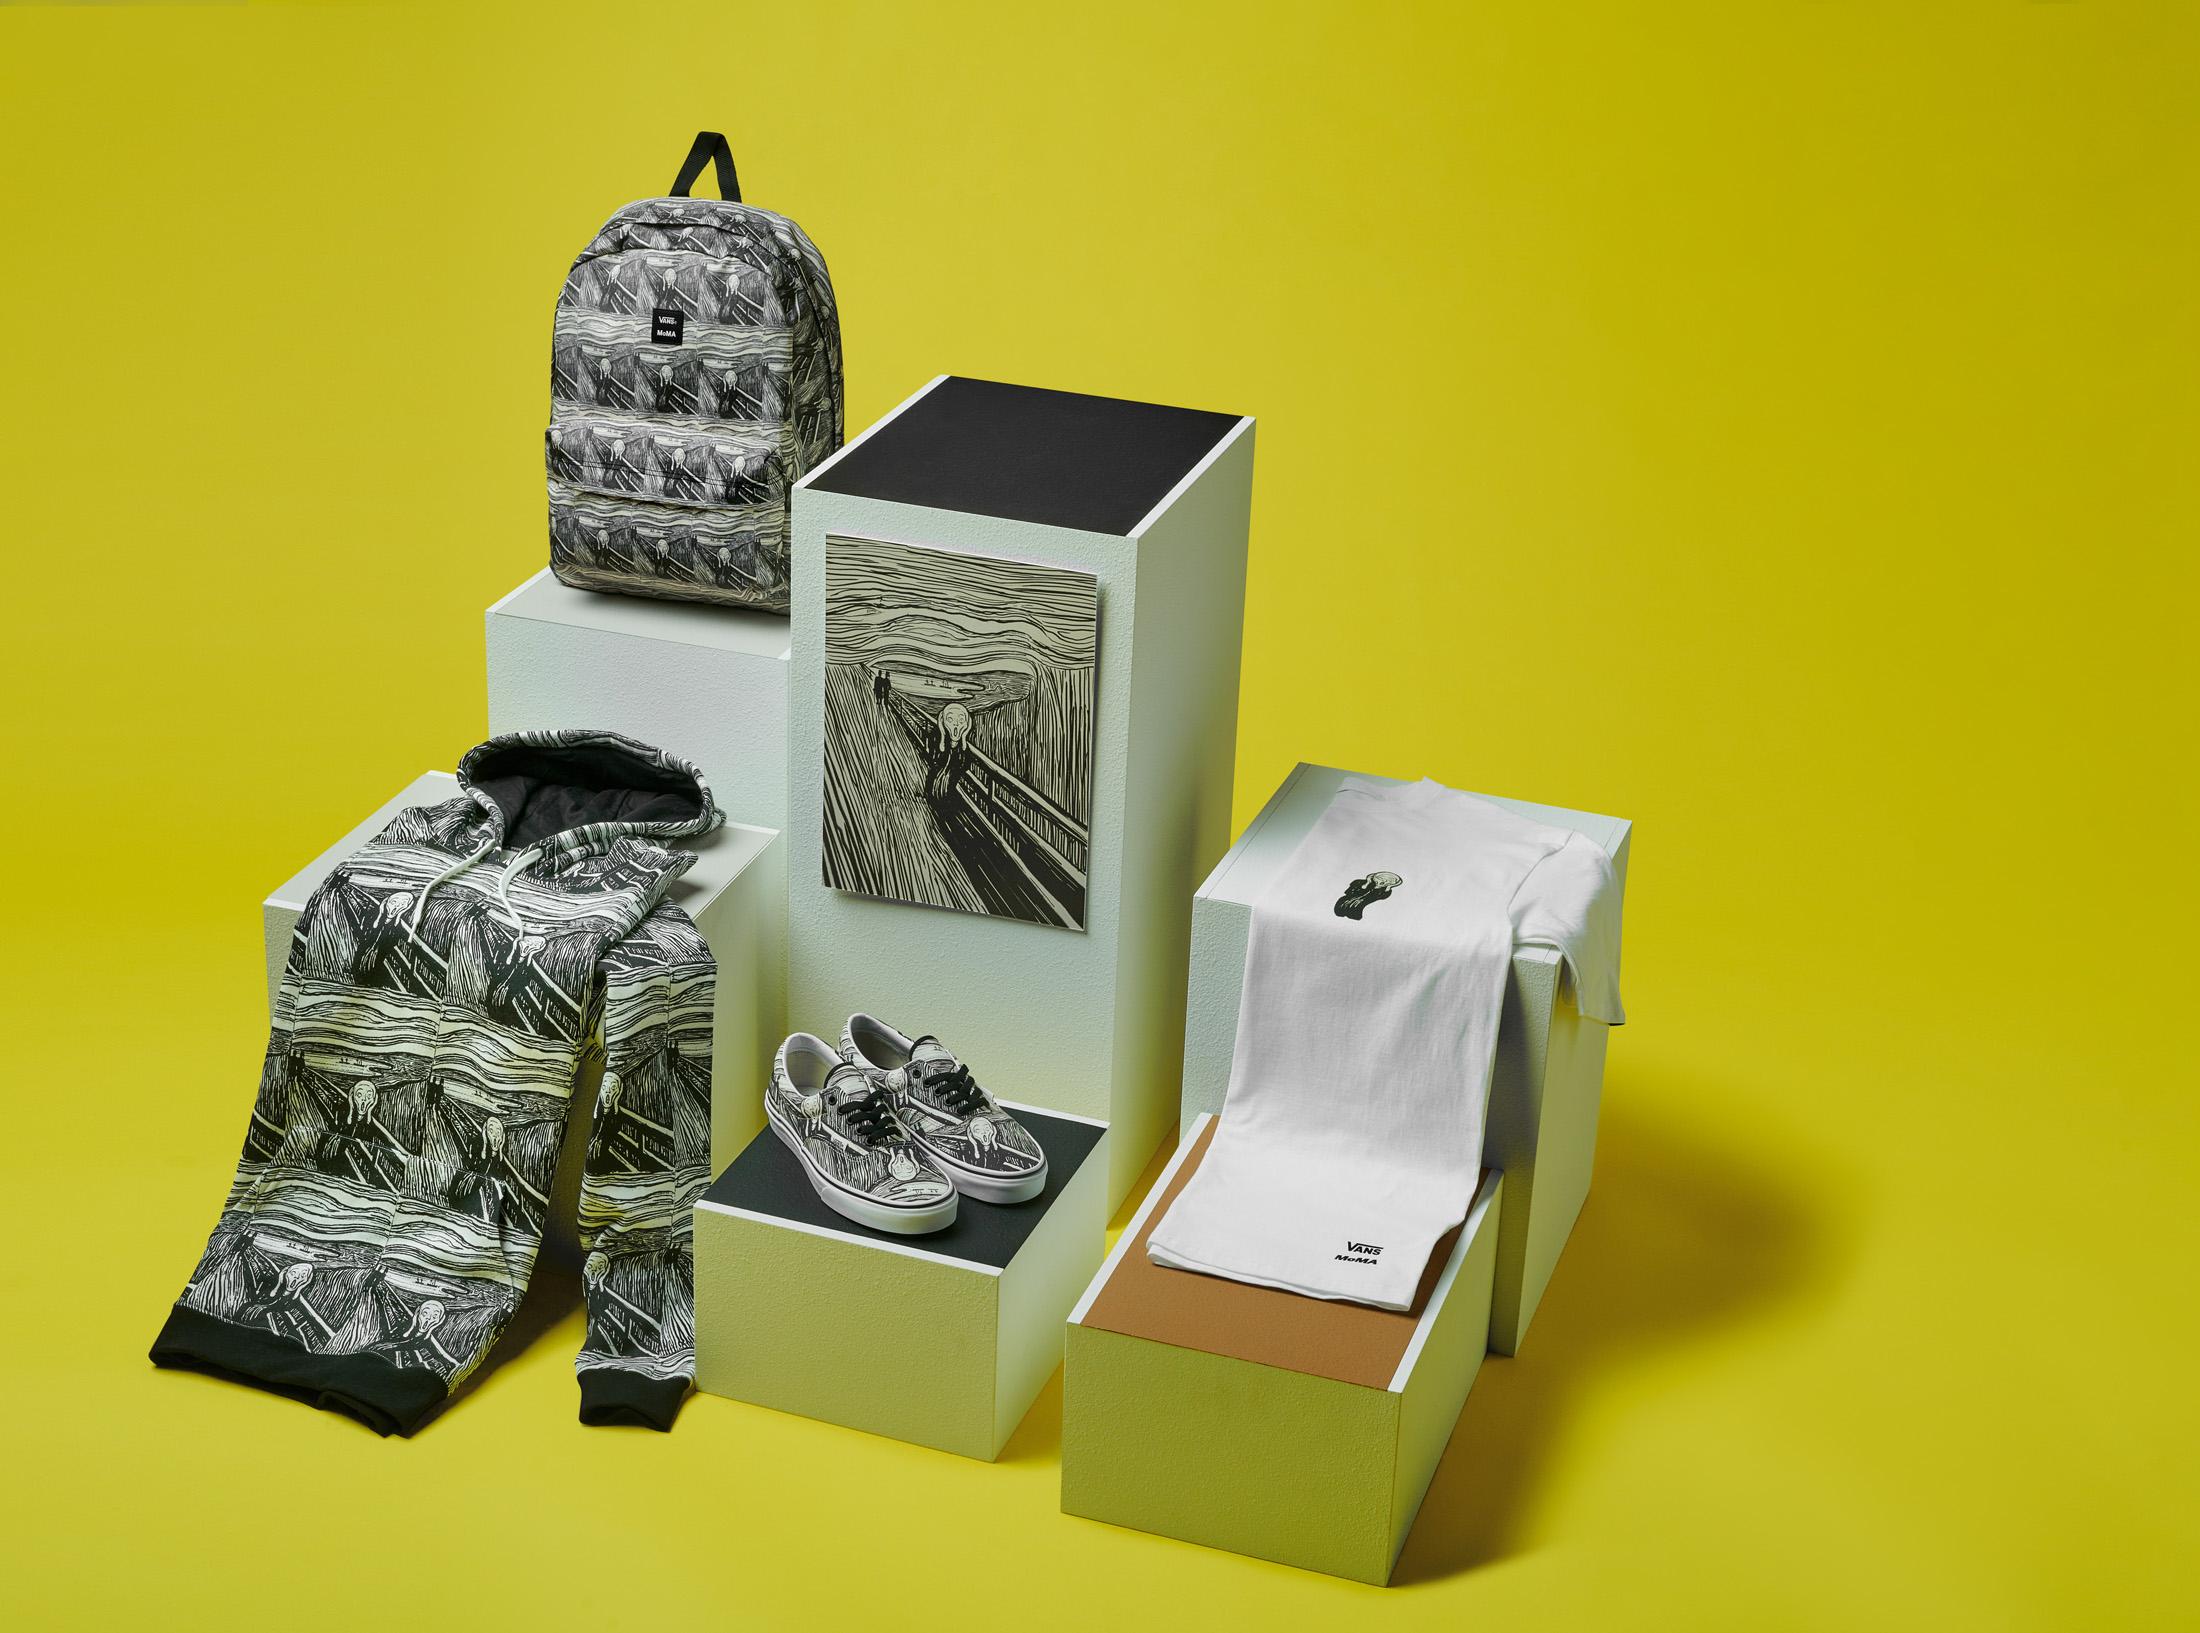 モマ ヴァンズ バンズ コラボ コレクション 限定 第 2弾 MoMA Vans Collaboration Collection Part 2 item